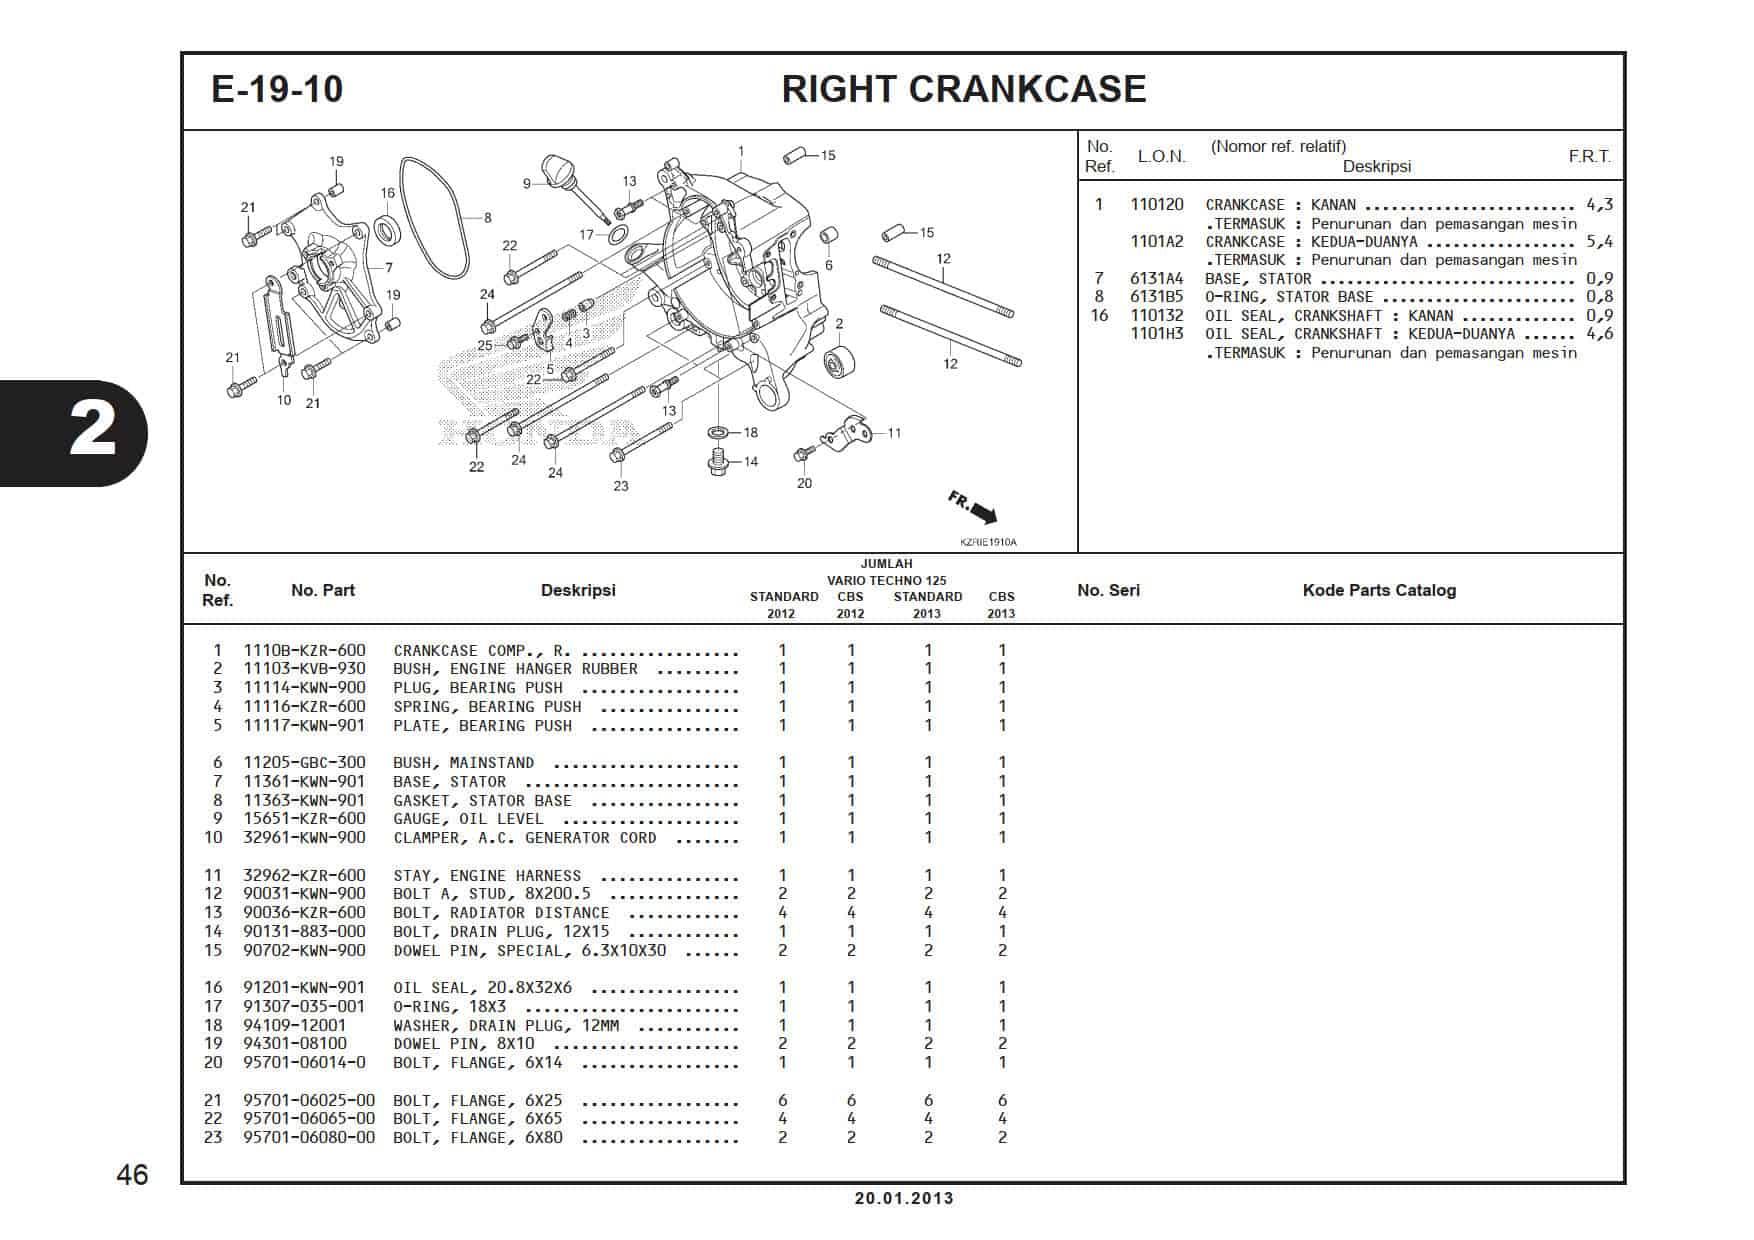 E-19-10 Right Crank Case Cover -